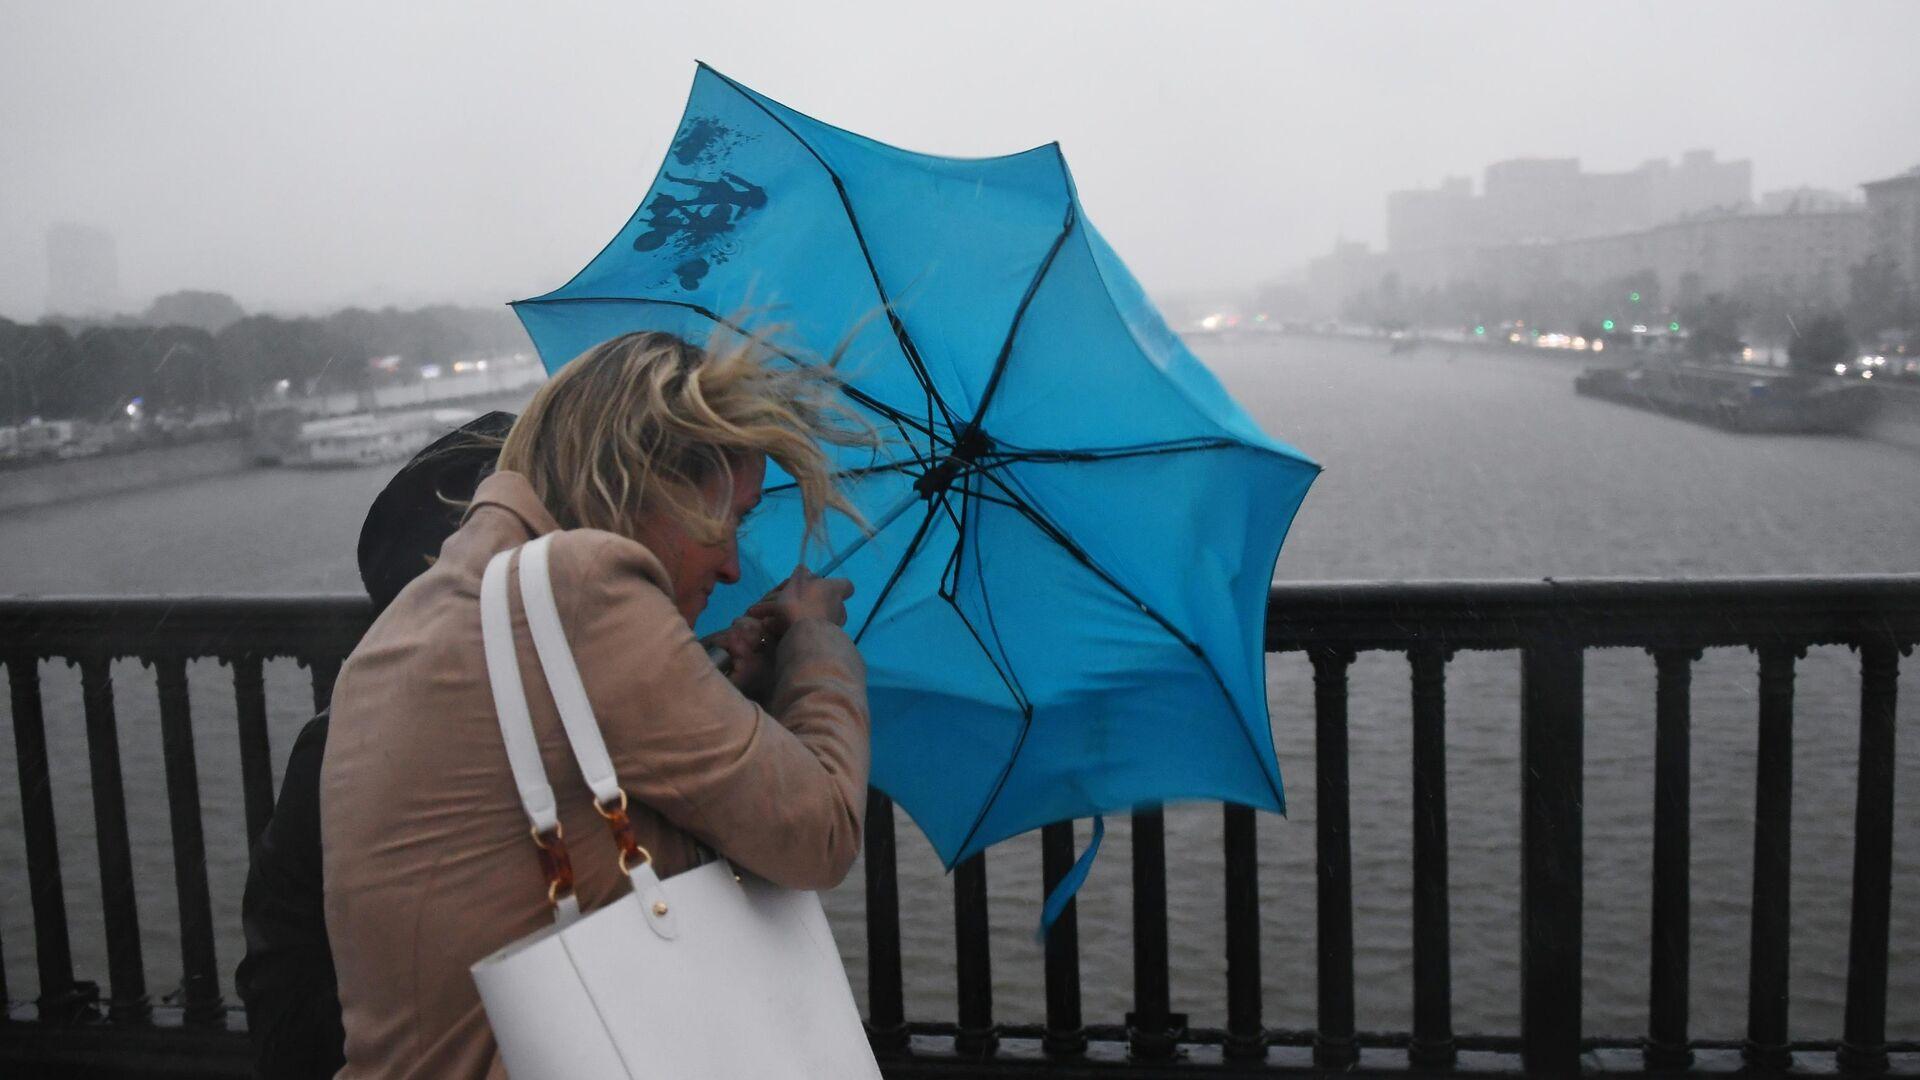 Дождь в Москве - РИА Новости, 1920, 09.05.2021